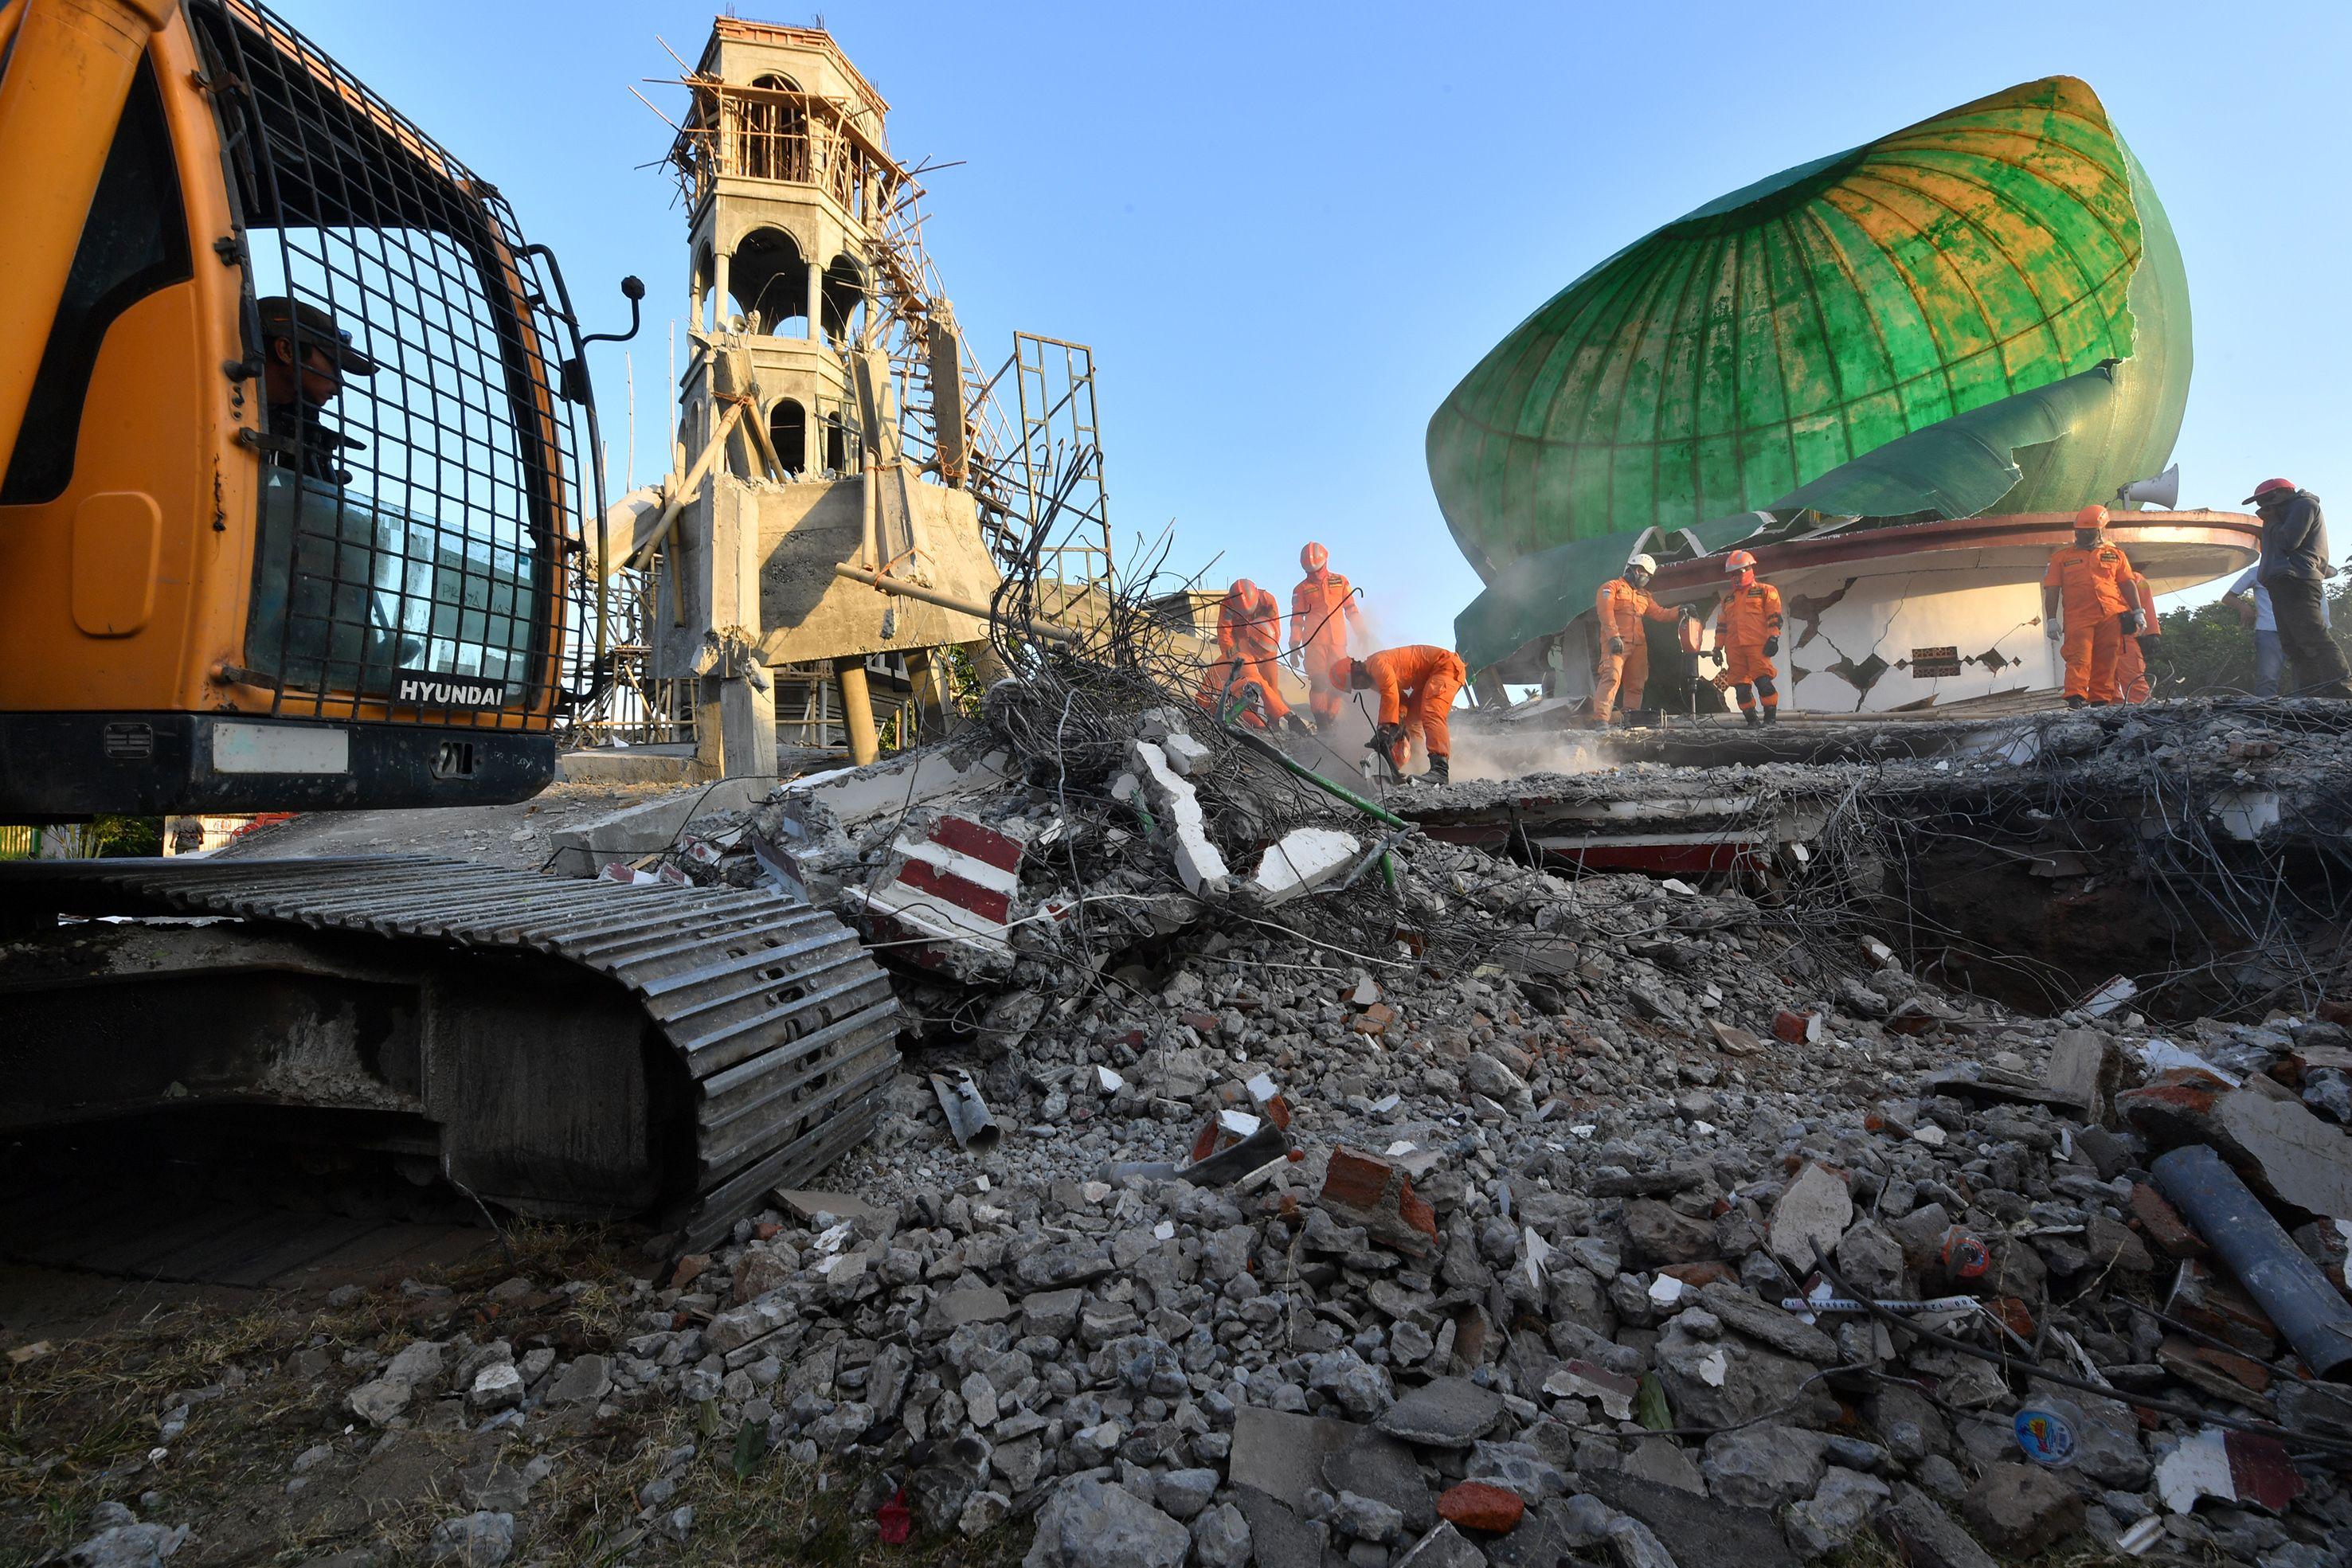 أعمال الحفر بعد الزلزال